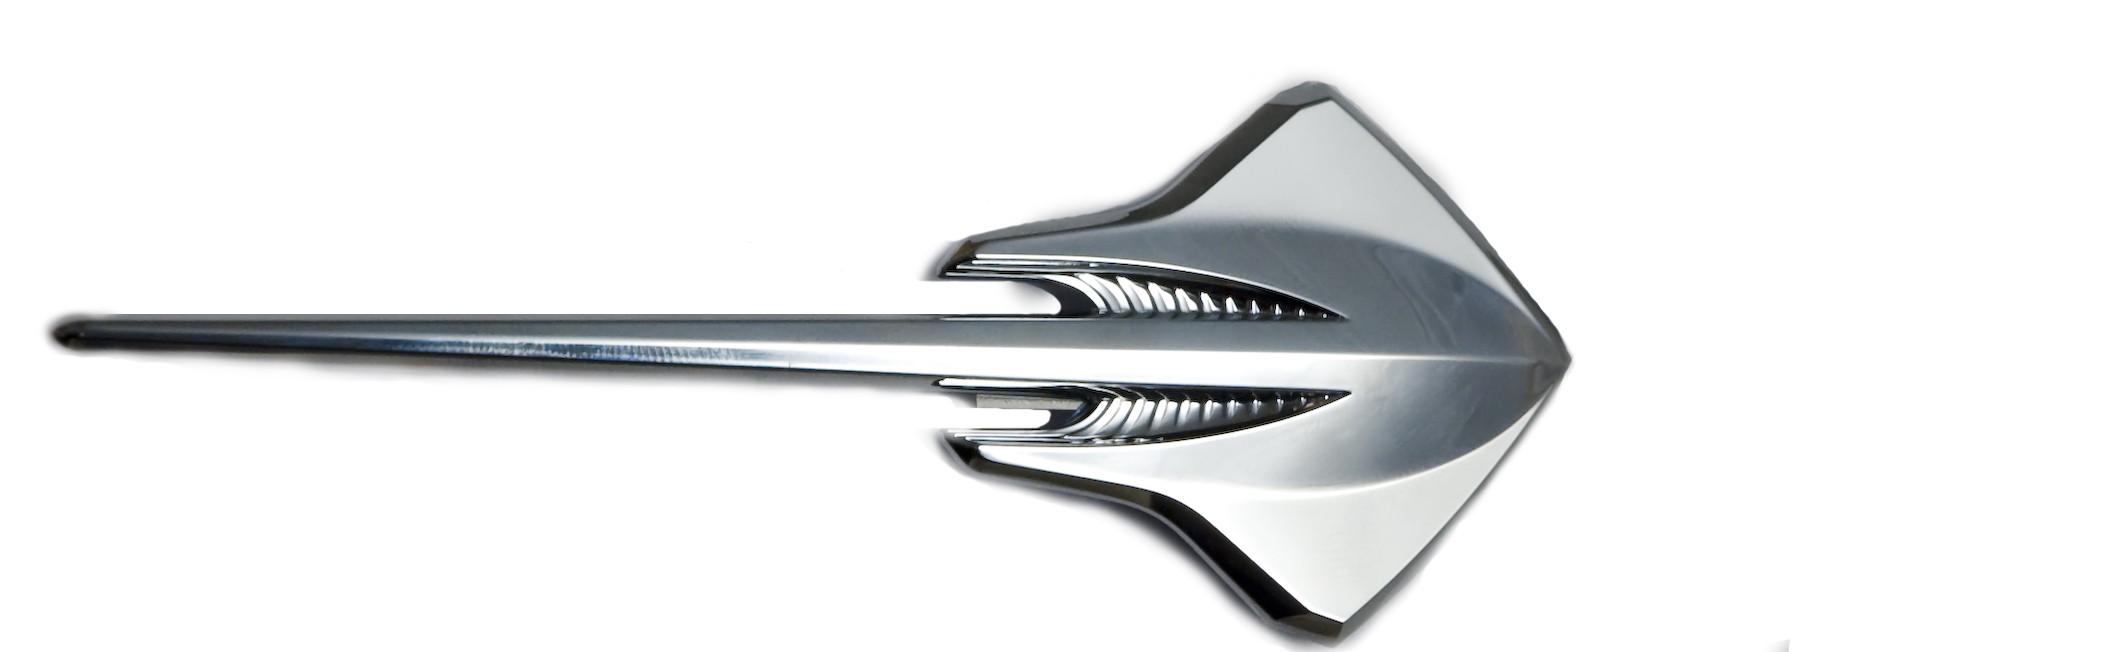 c7 corvette chrome stingray sting ray emblem gm 22797876